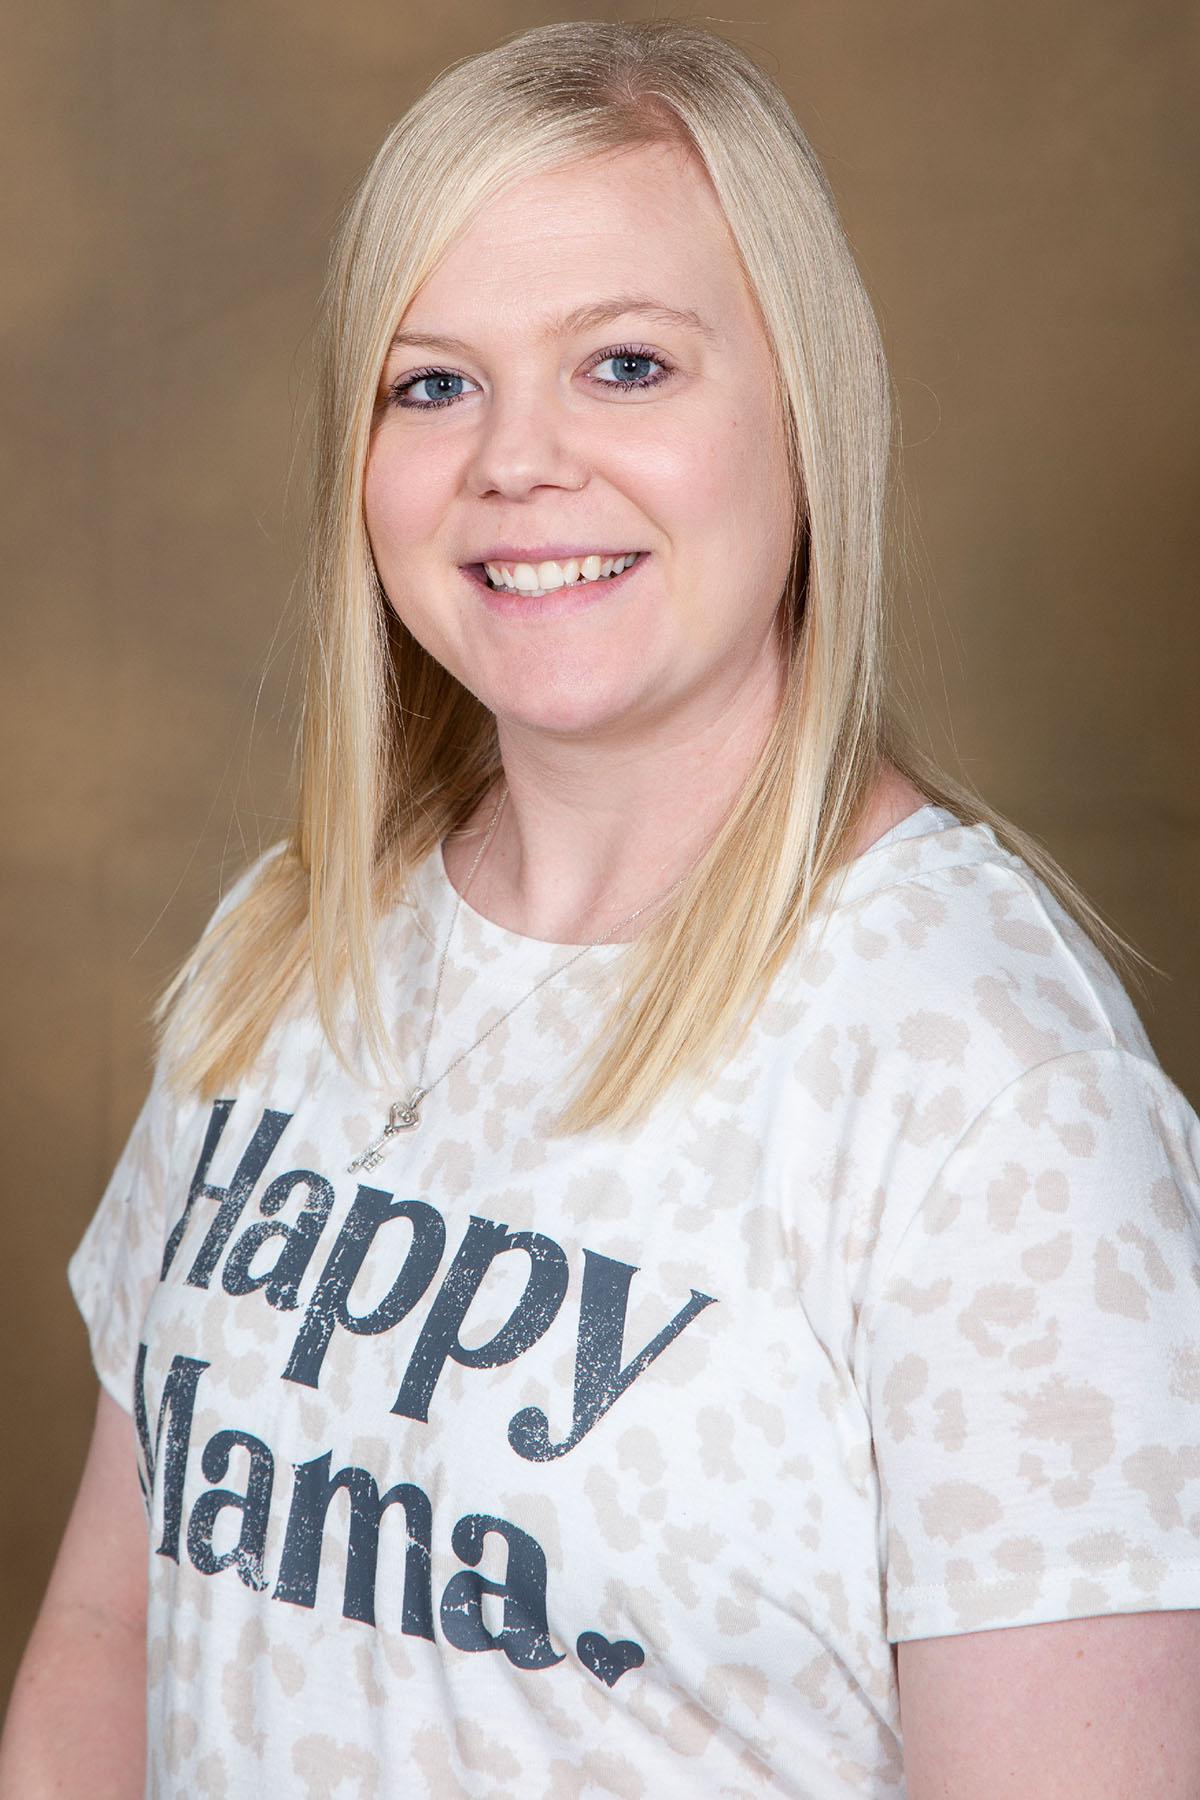 Abby Bates